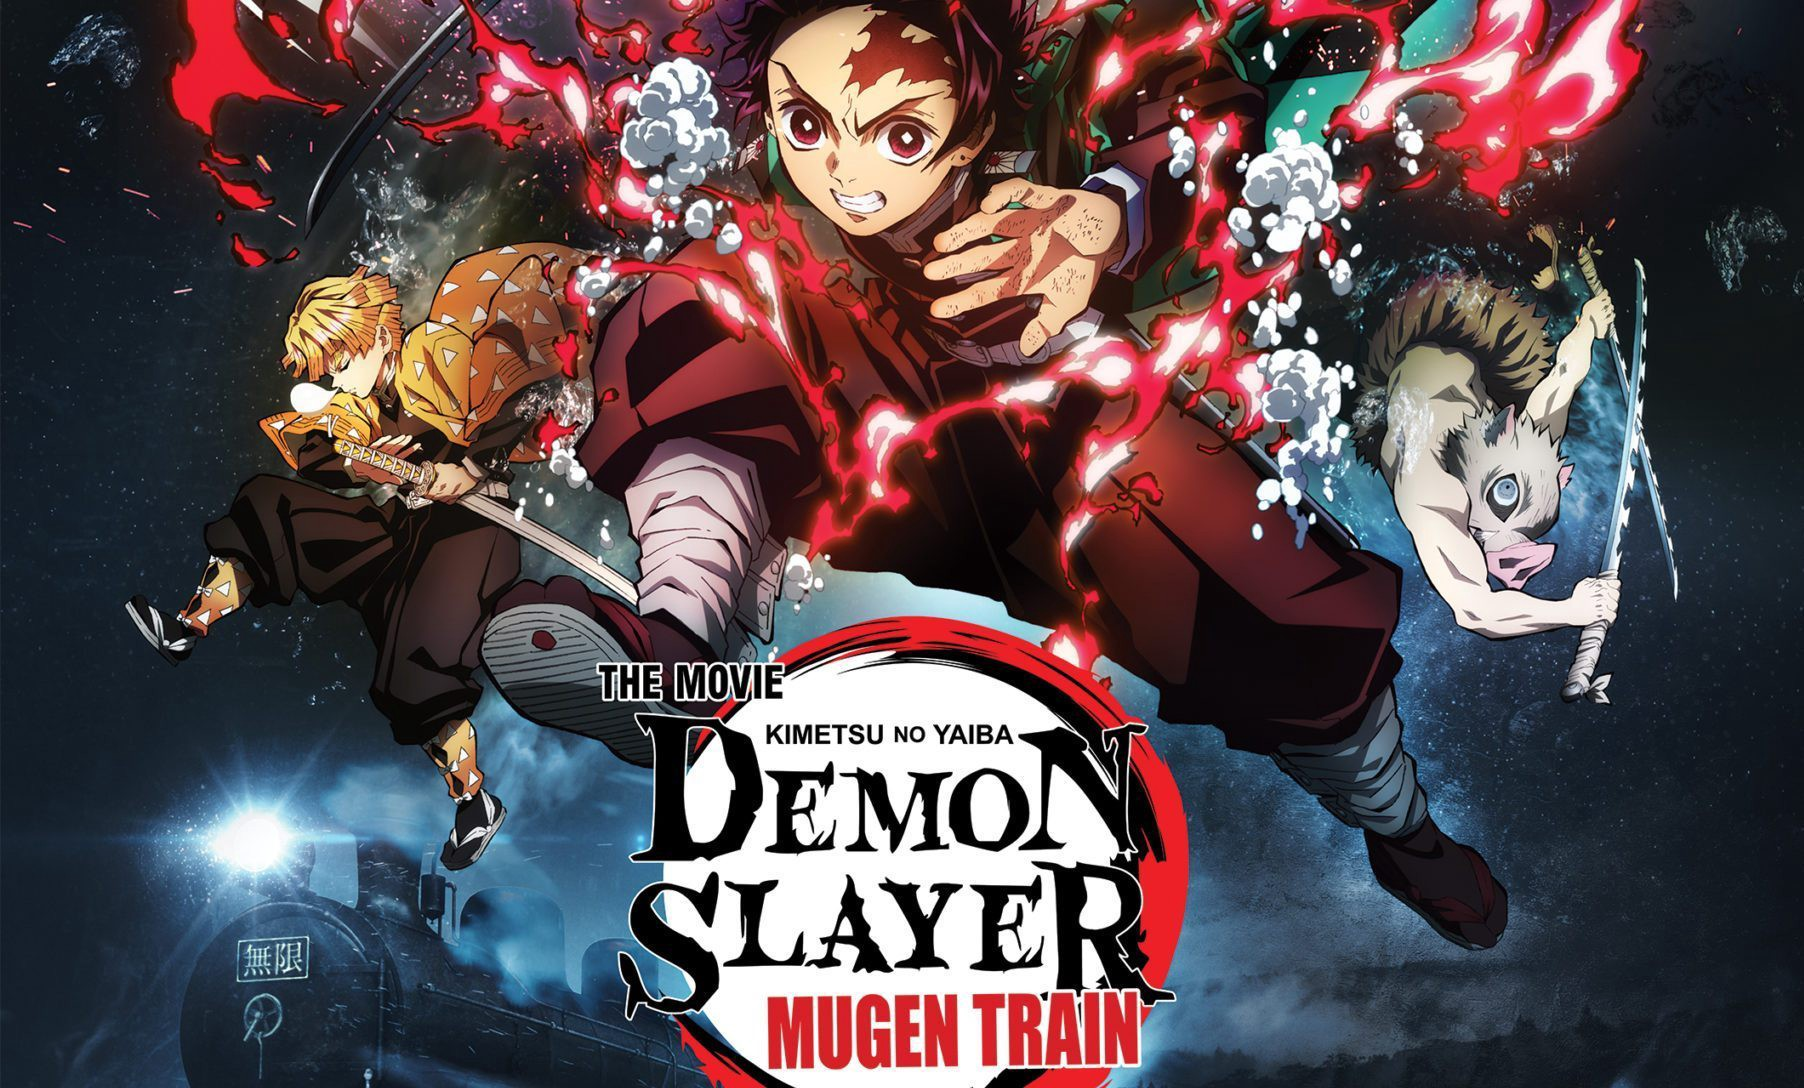 Watch Hd Demon Slayer Kimetsu No Yaiba Mugen Train 2020 Hd Full Movie New York Irish Arts Kimetsu no yaiba, as well as a sequel movie mugen train. kimetsu no yaiba mugen train 2020